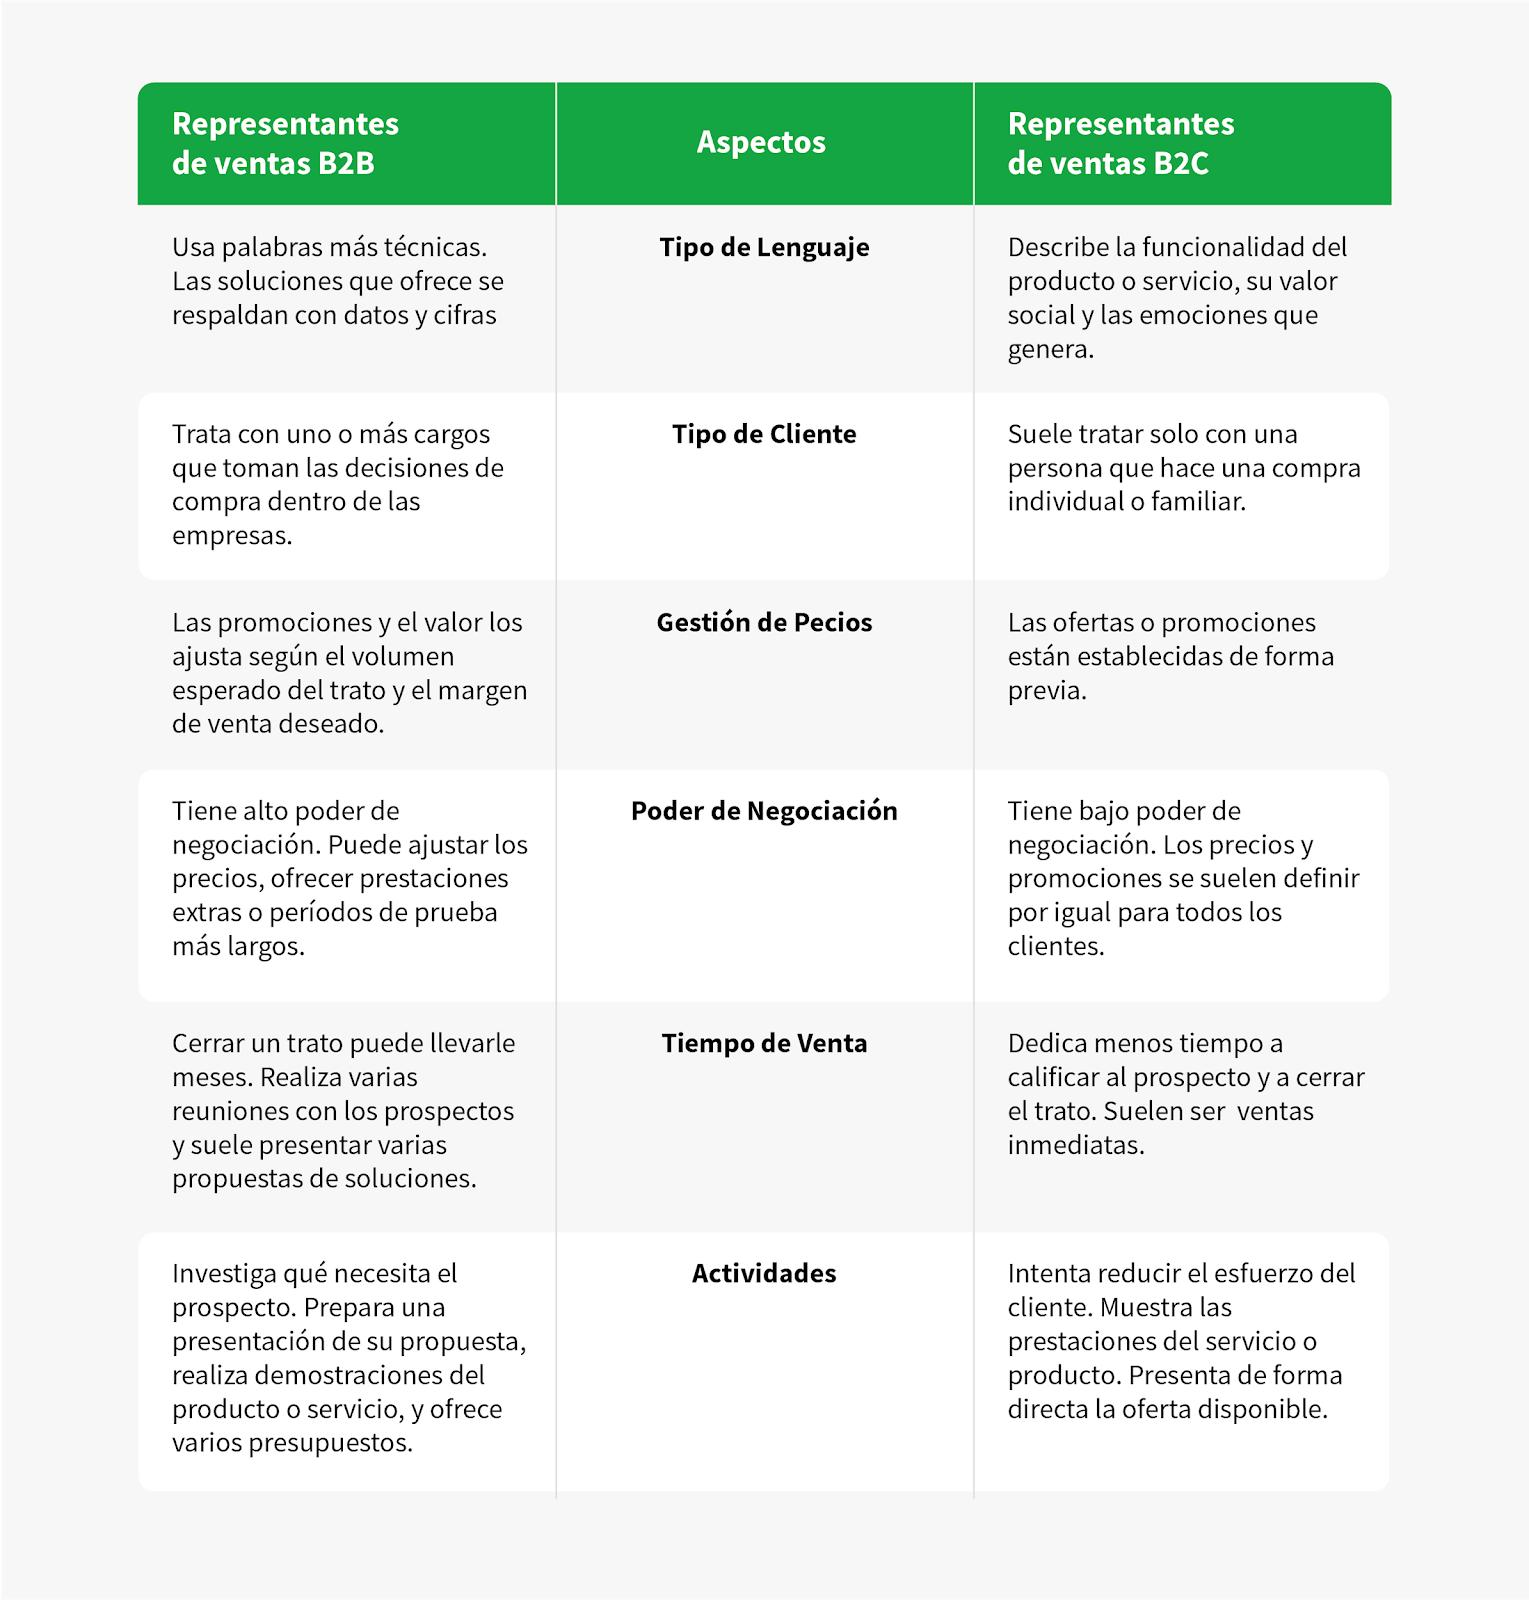 diferencias entre los representantes de ventas B2B y B2C